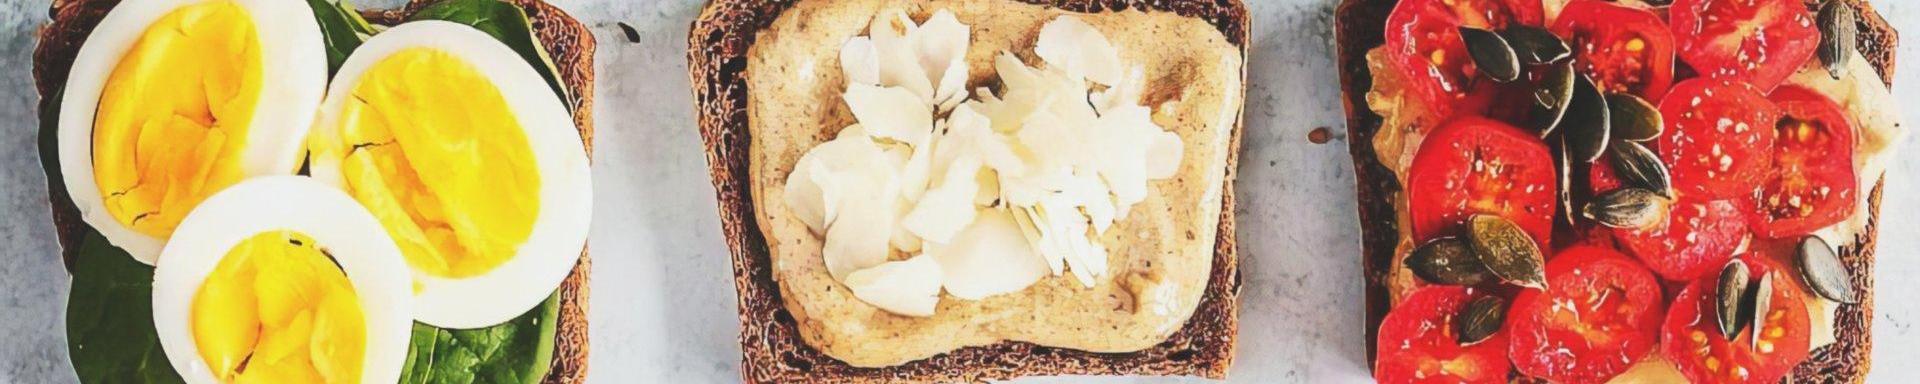 10 tostadas saludables para desayunar